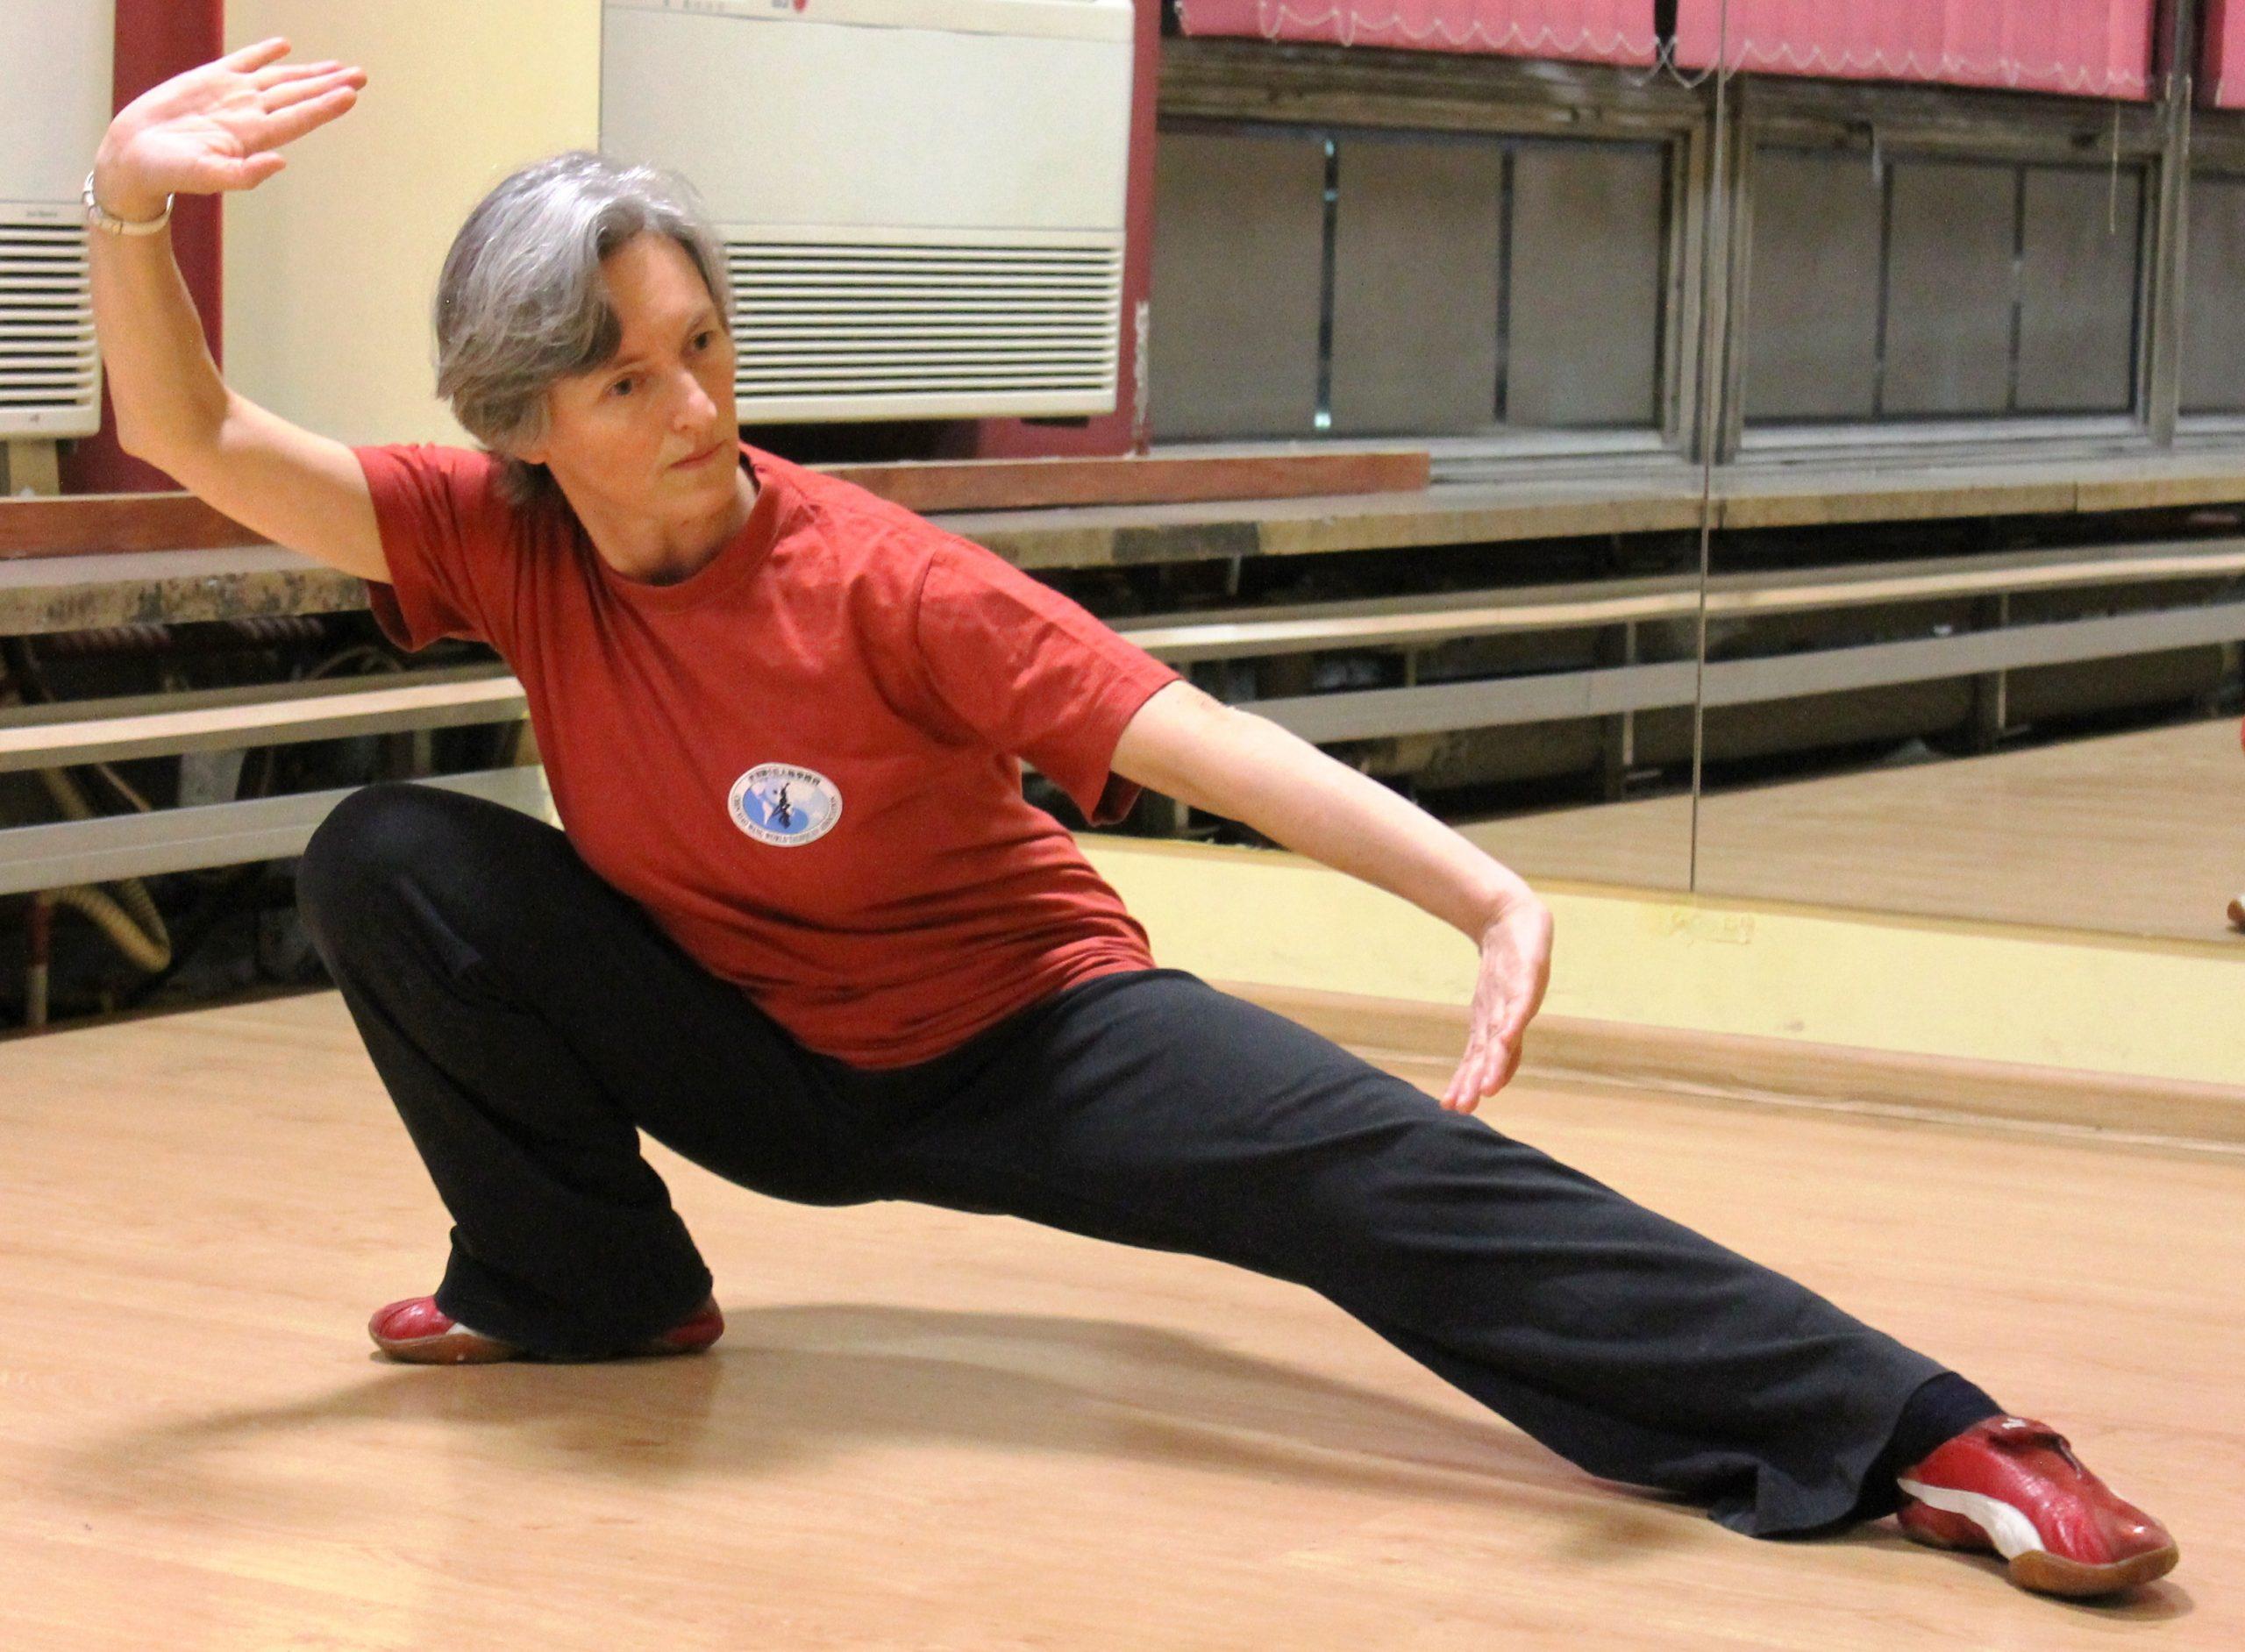 Zajęcia z tai chi i qigong oraz jogi w Cieszynie to zestaw ćwiczeń odblokowujących napięcia w ciele. Ćwiczenia te nie tylko poprawiają kondycję fizyczną, także wzmacniają kości i ścięgna i poprawiają ruchomość w stawach